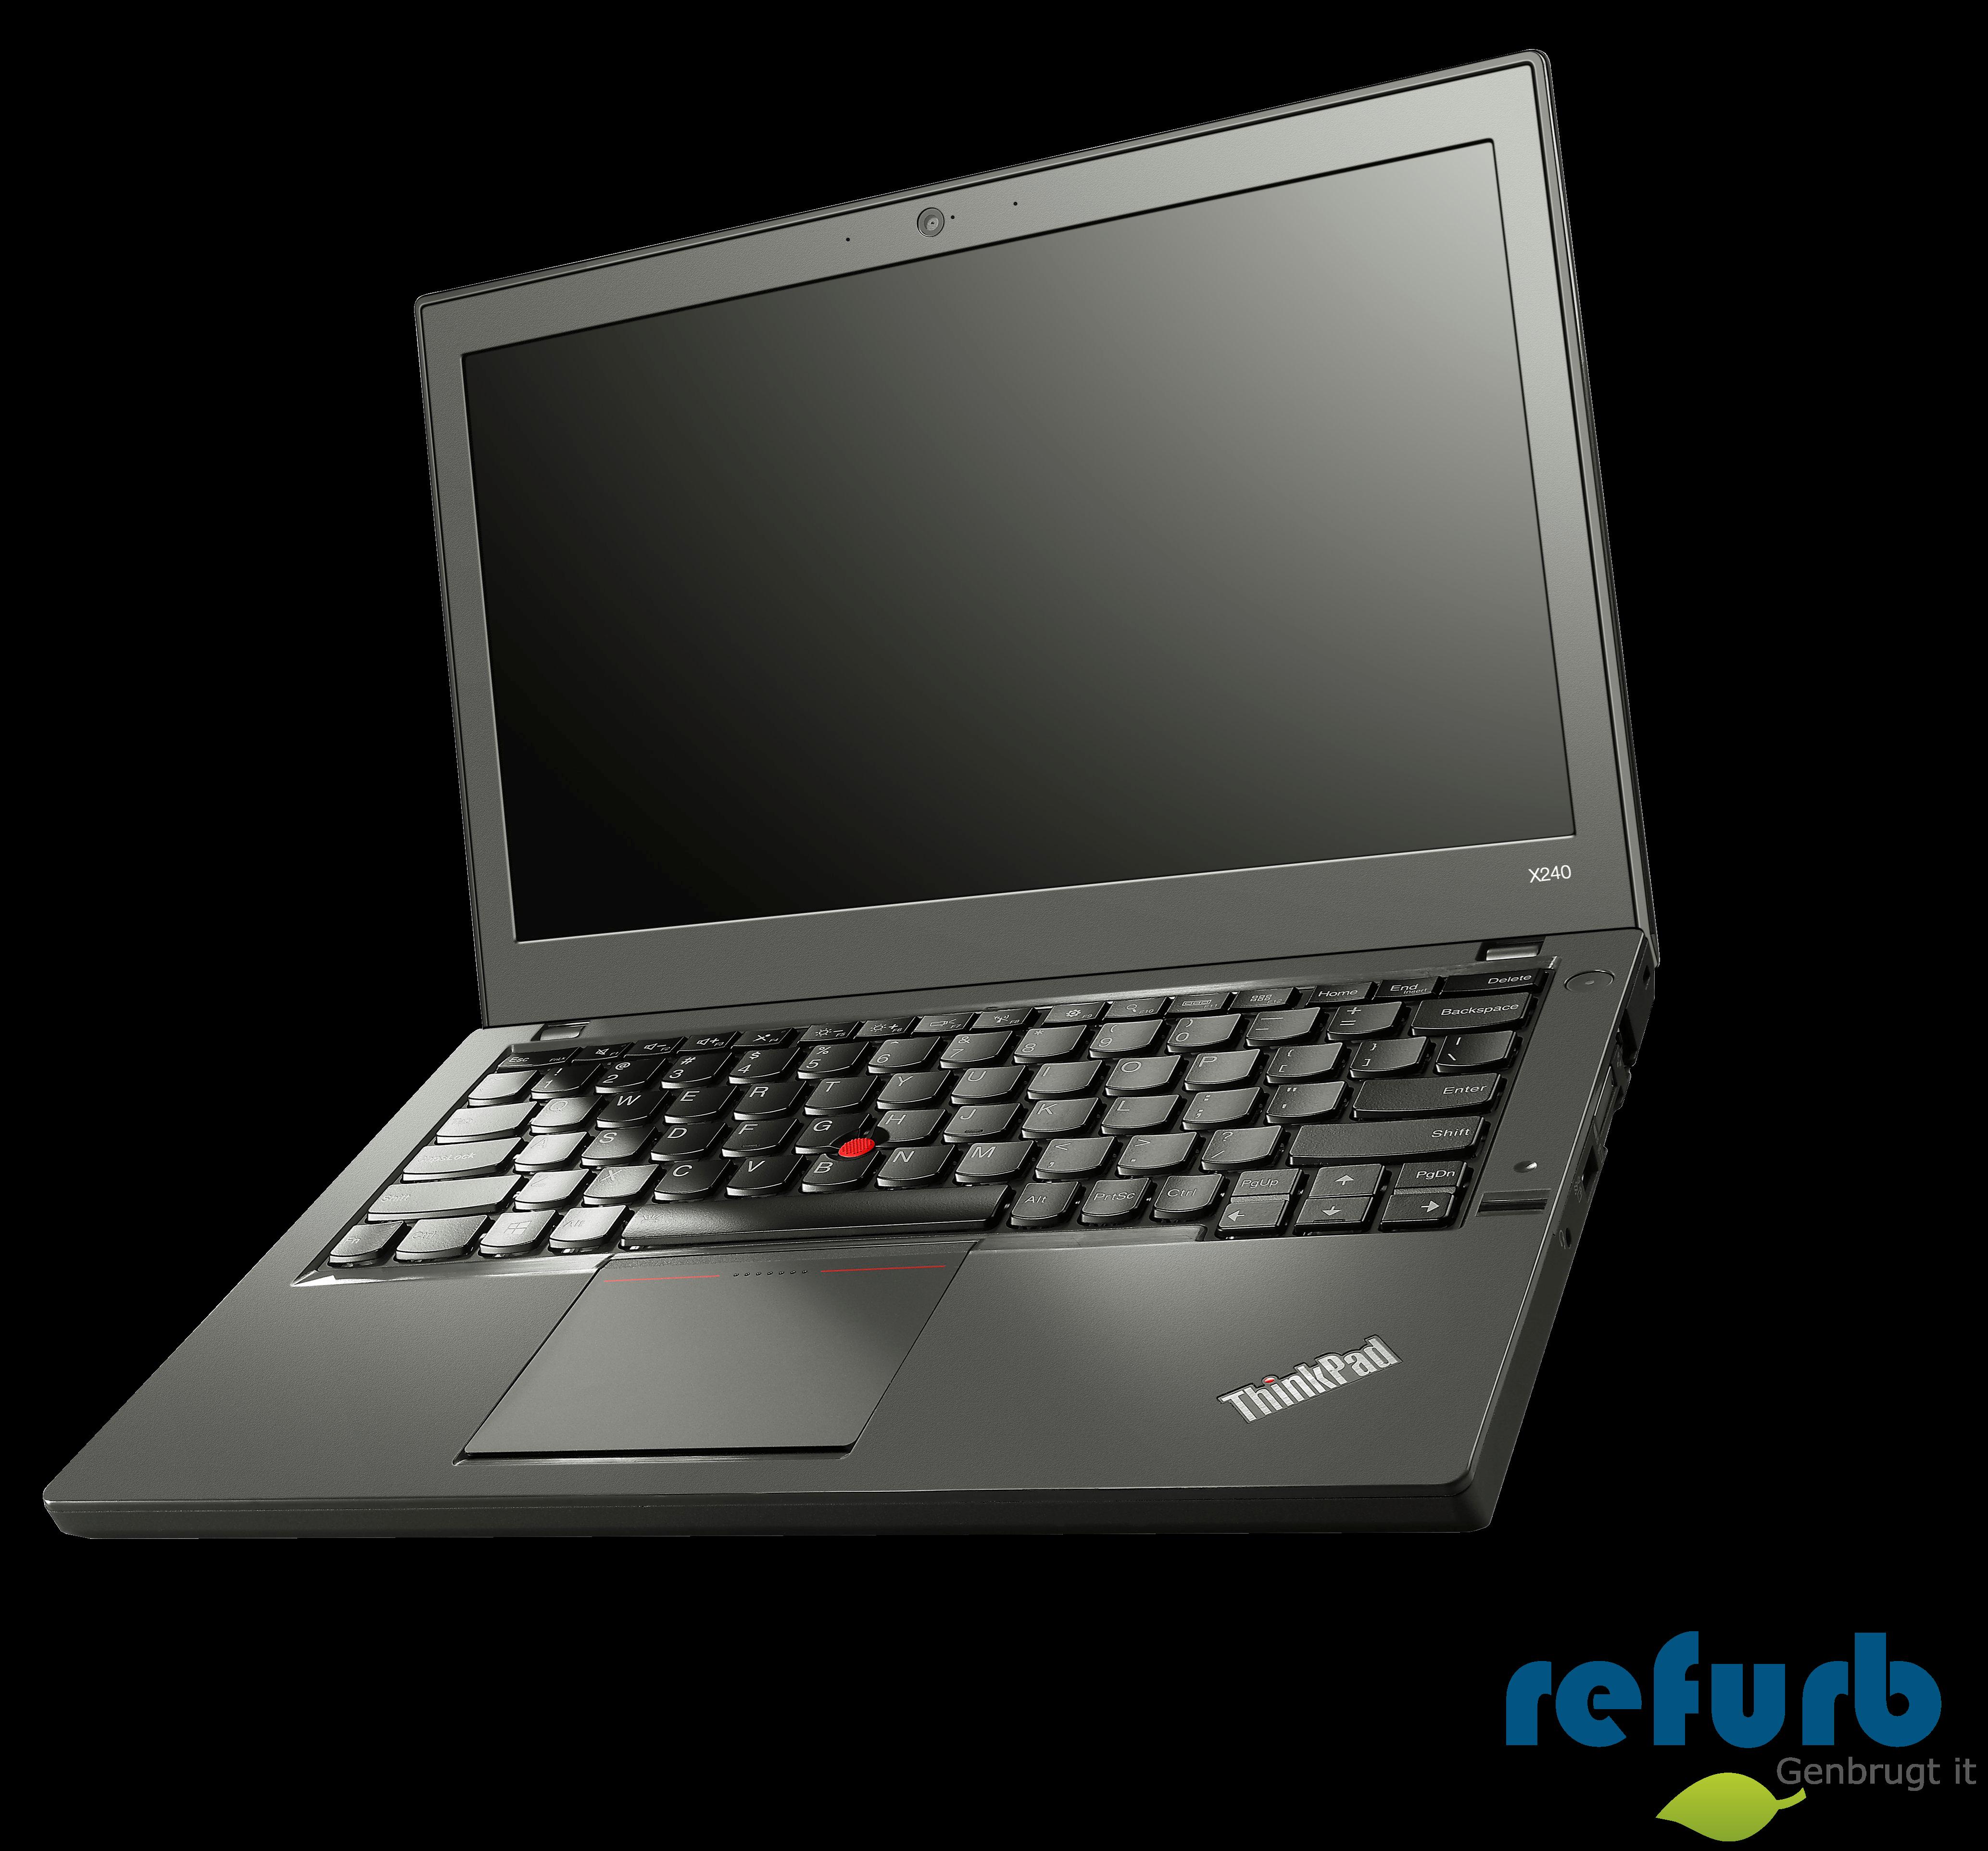 Lenovo Lenovo thinkpad x240 fra refurb